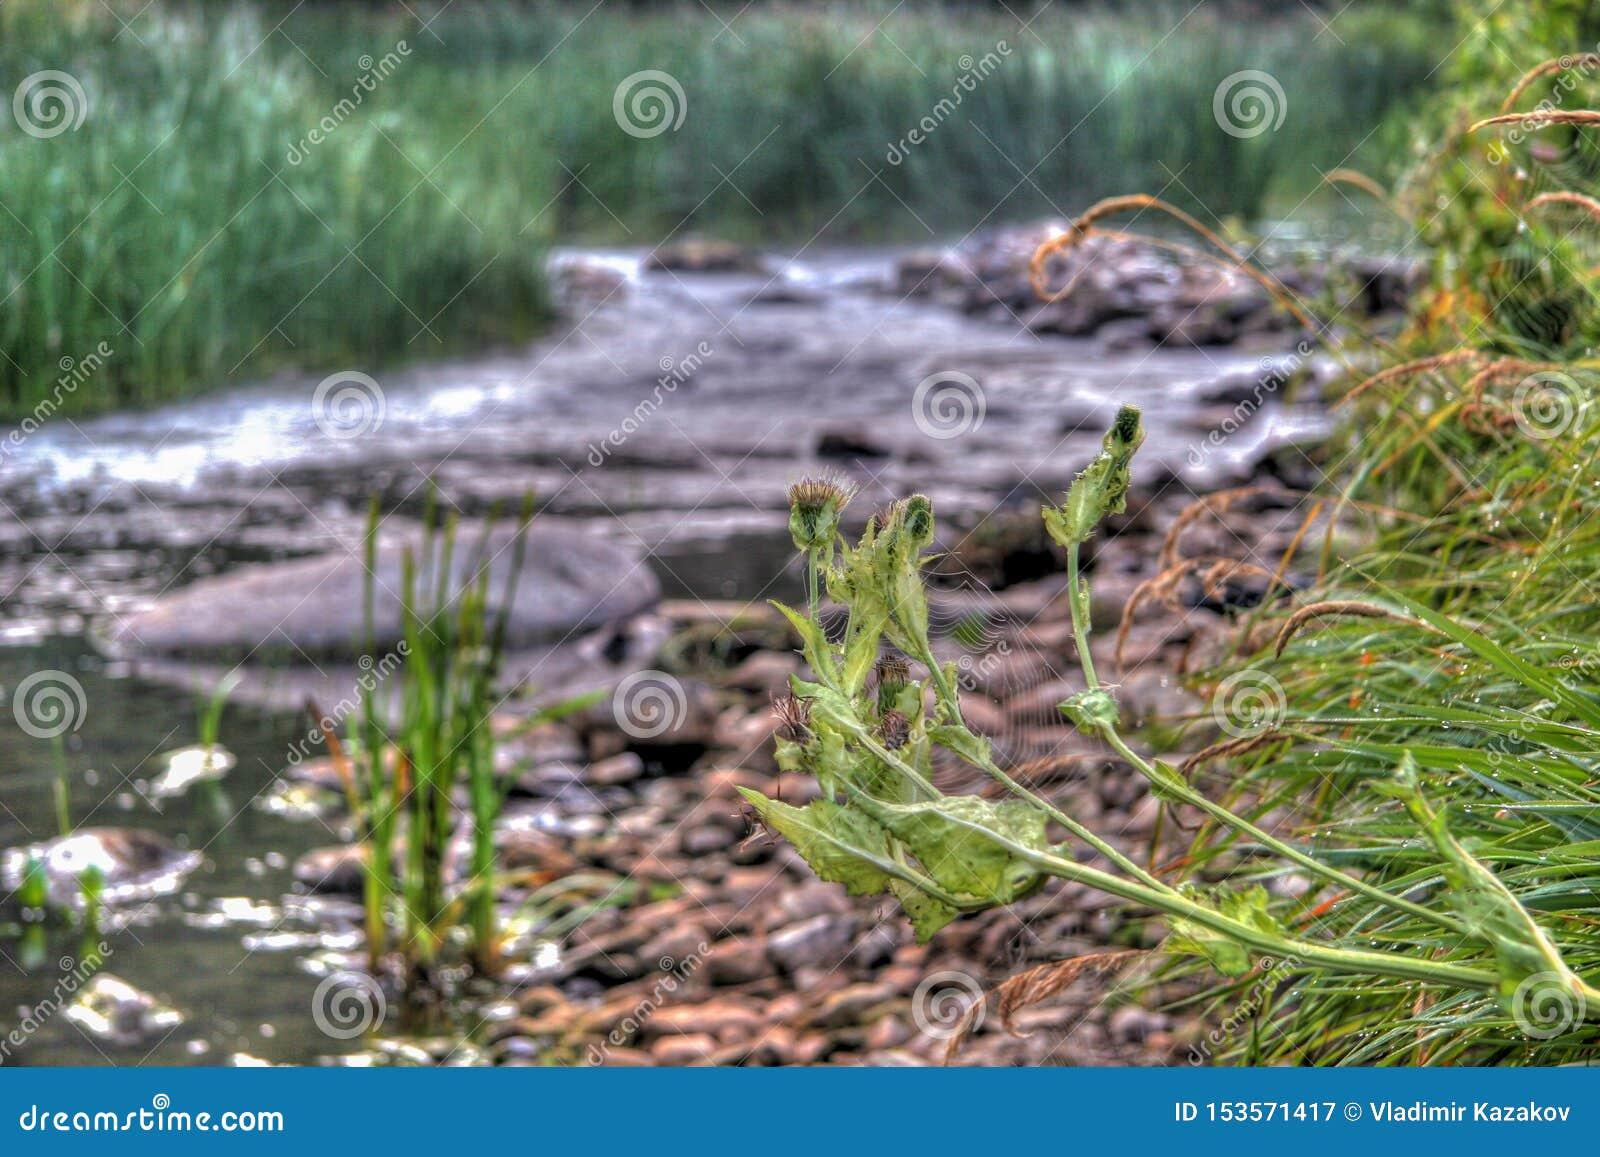 Spiderweb en la espina contra la perspectiva de un pequeño río con las piedras a lo largo de los bancos y de la hierba alrededor